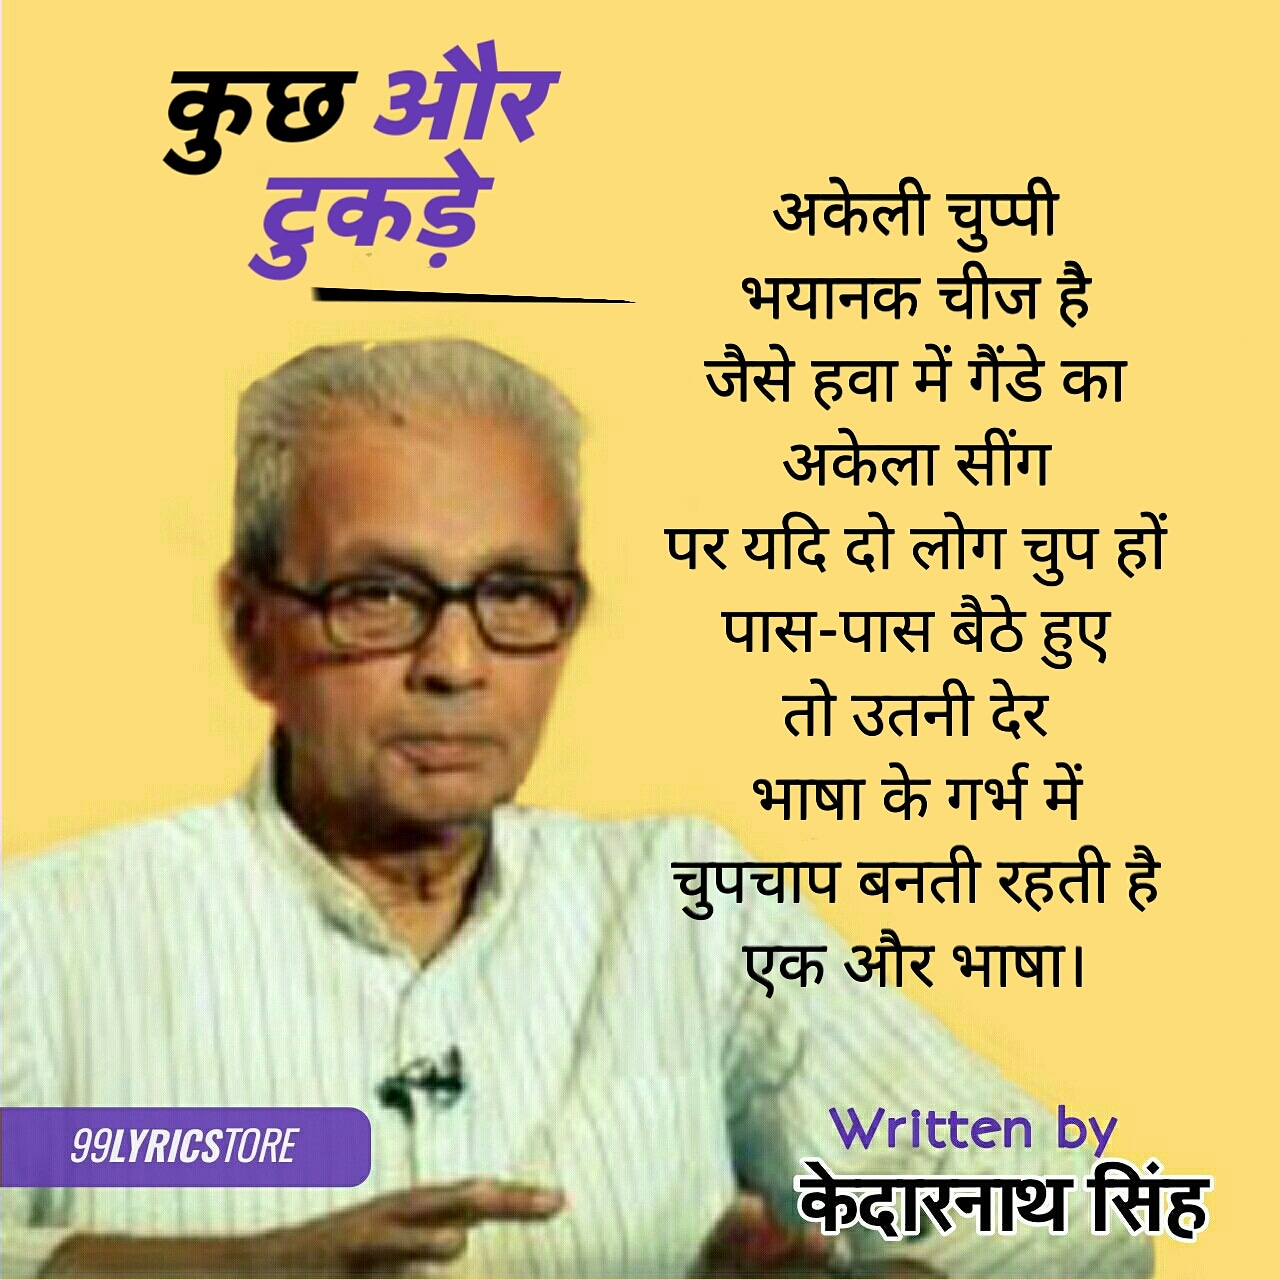 'कुछ और टुकड़े' कविता केदारनाथ सिंह जी द्वारा लिखी गई एक हिन्दी कविता है। इस कविता के तीन भाग है जो आपस में एक दुसरे से जुड़े हुए हैं। कुछ और टुकड़े'  कविता केदार जी की कविता-संग्रह  'उत्तर कबीर और अन्य कविताएँ' में संकलित एक हिन्दी कविता है।